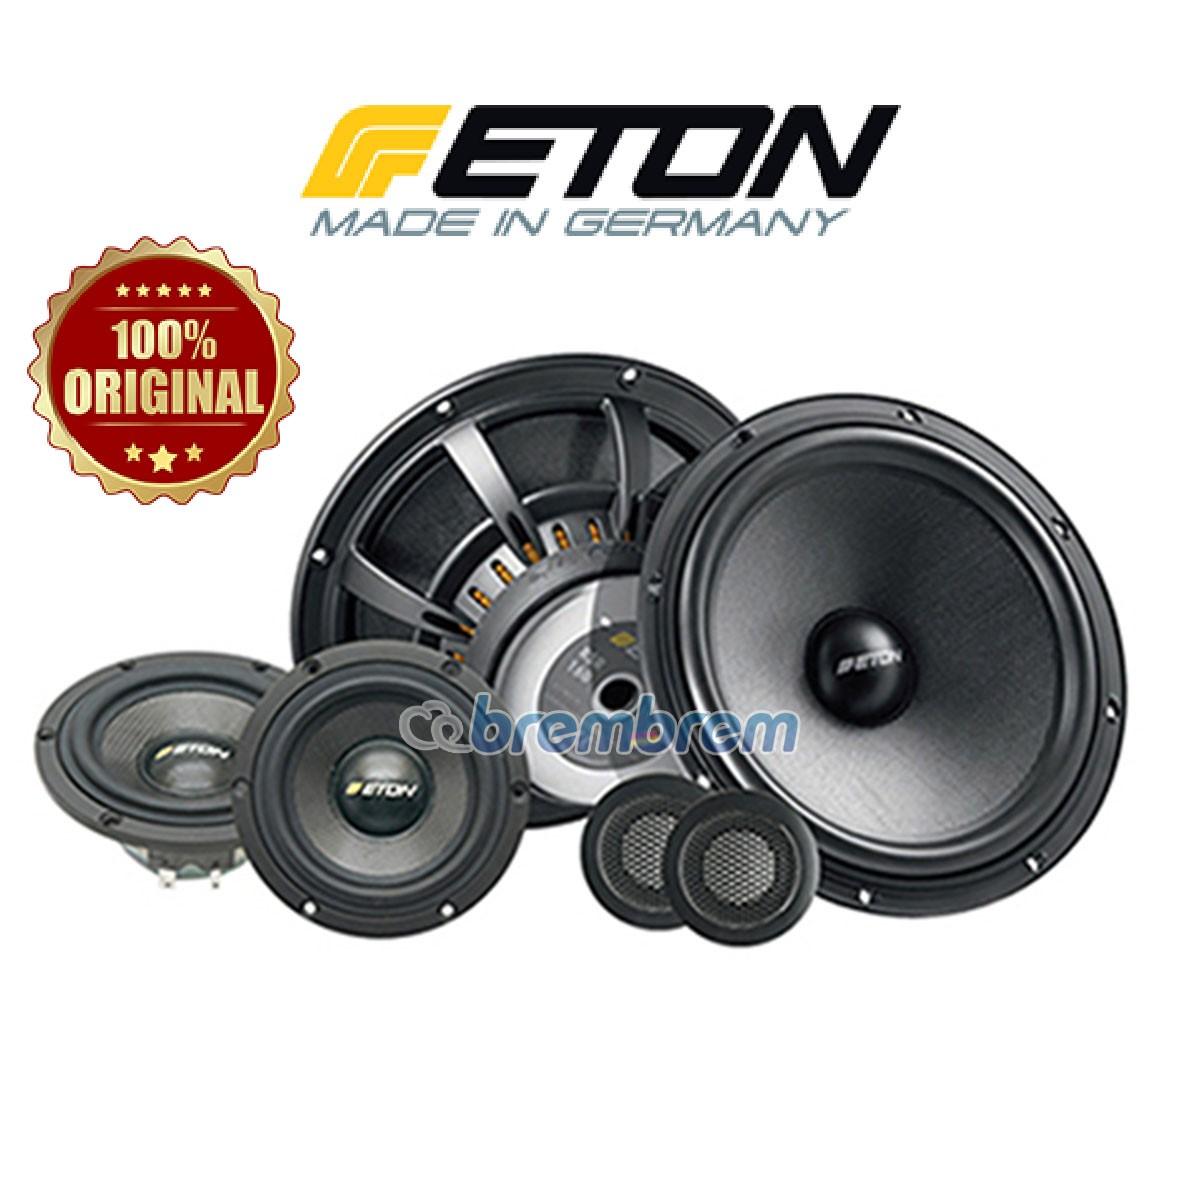 ETON MAS 370 - SPEAKER 3 WAY